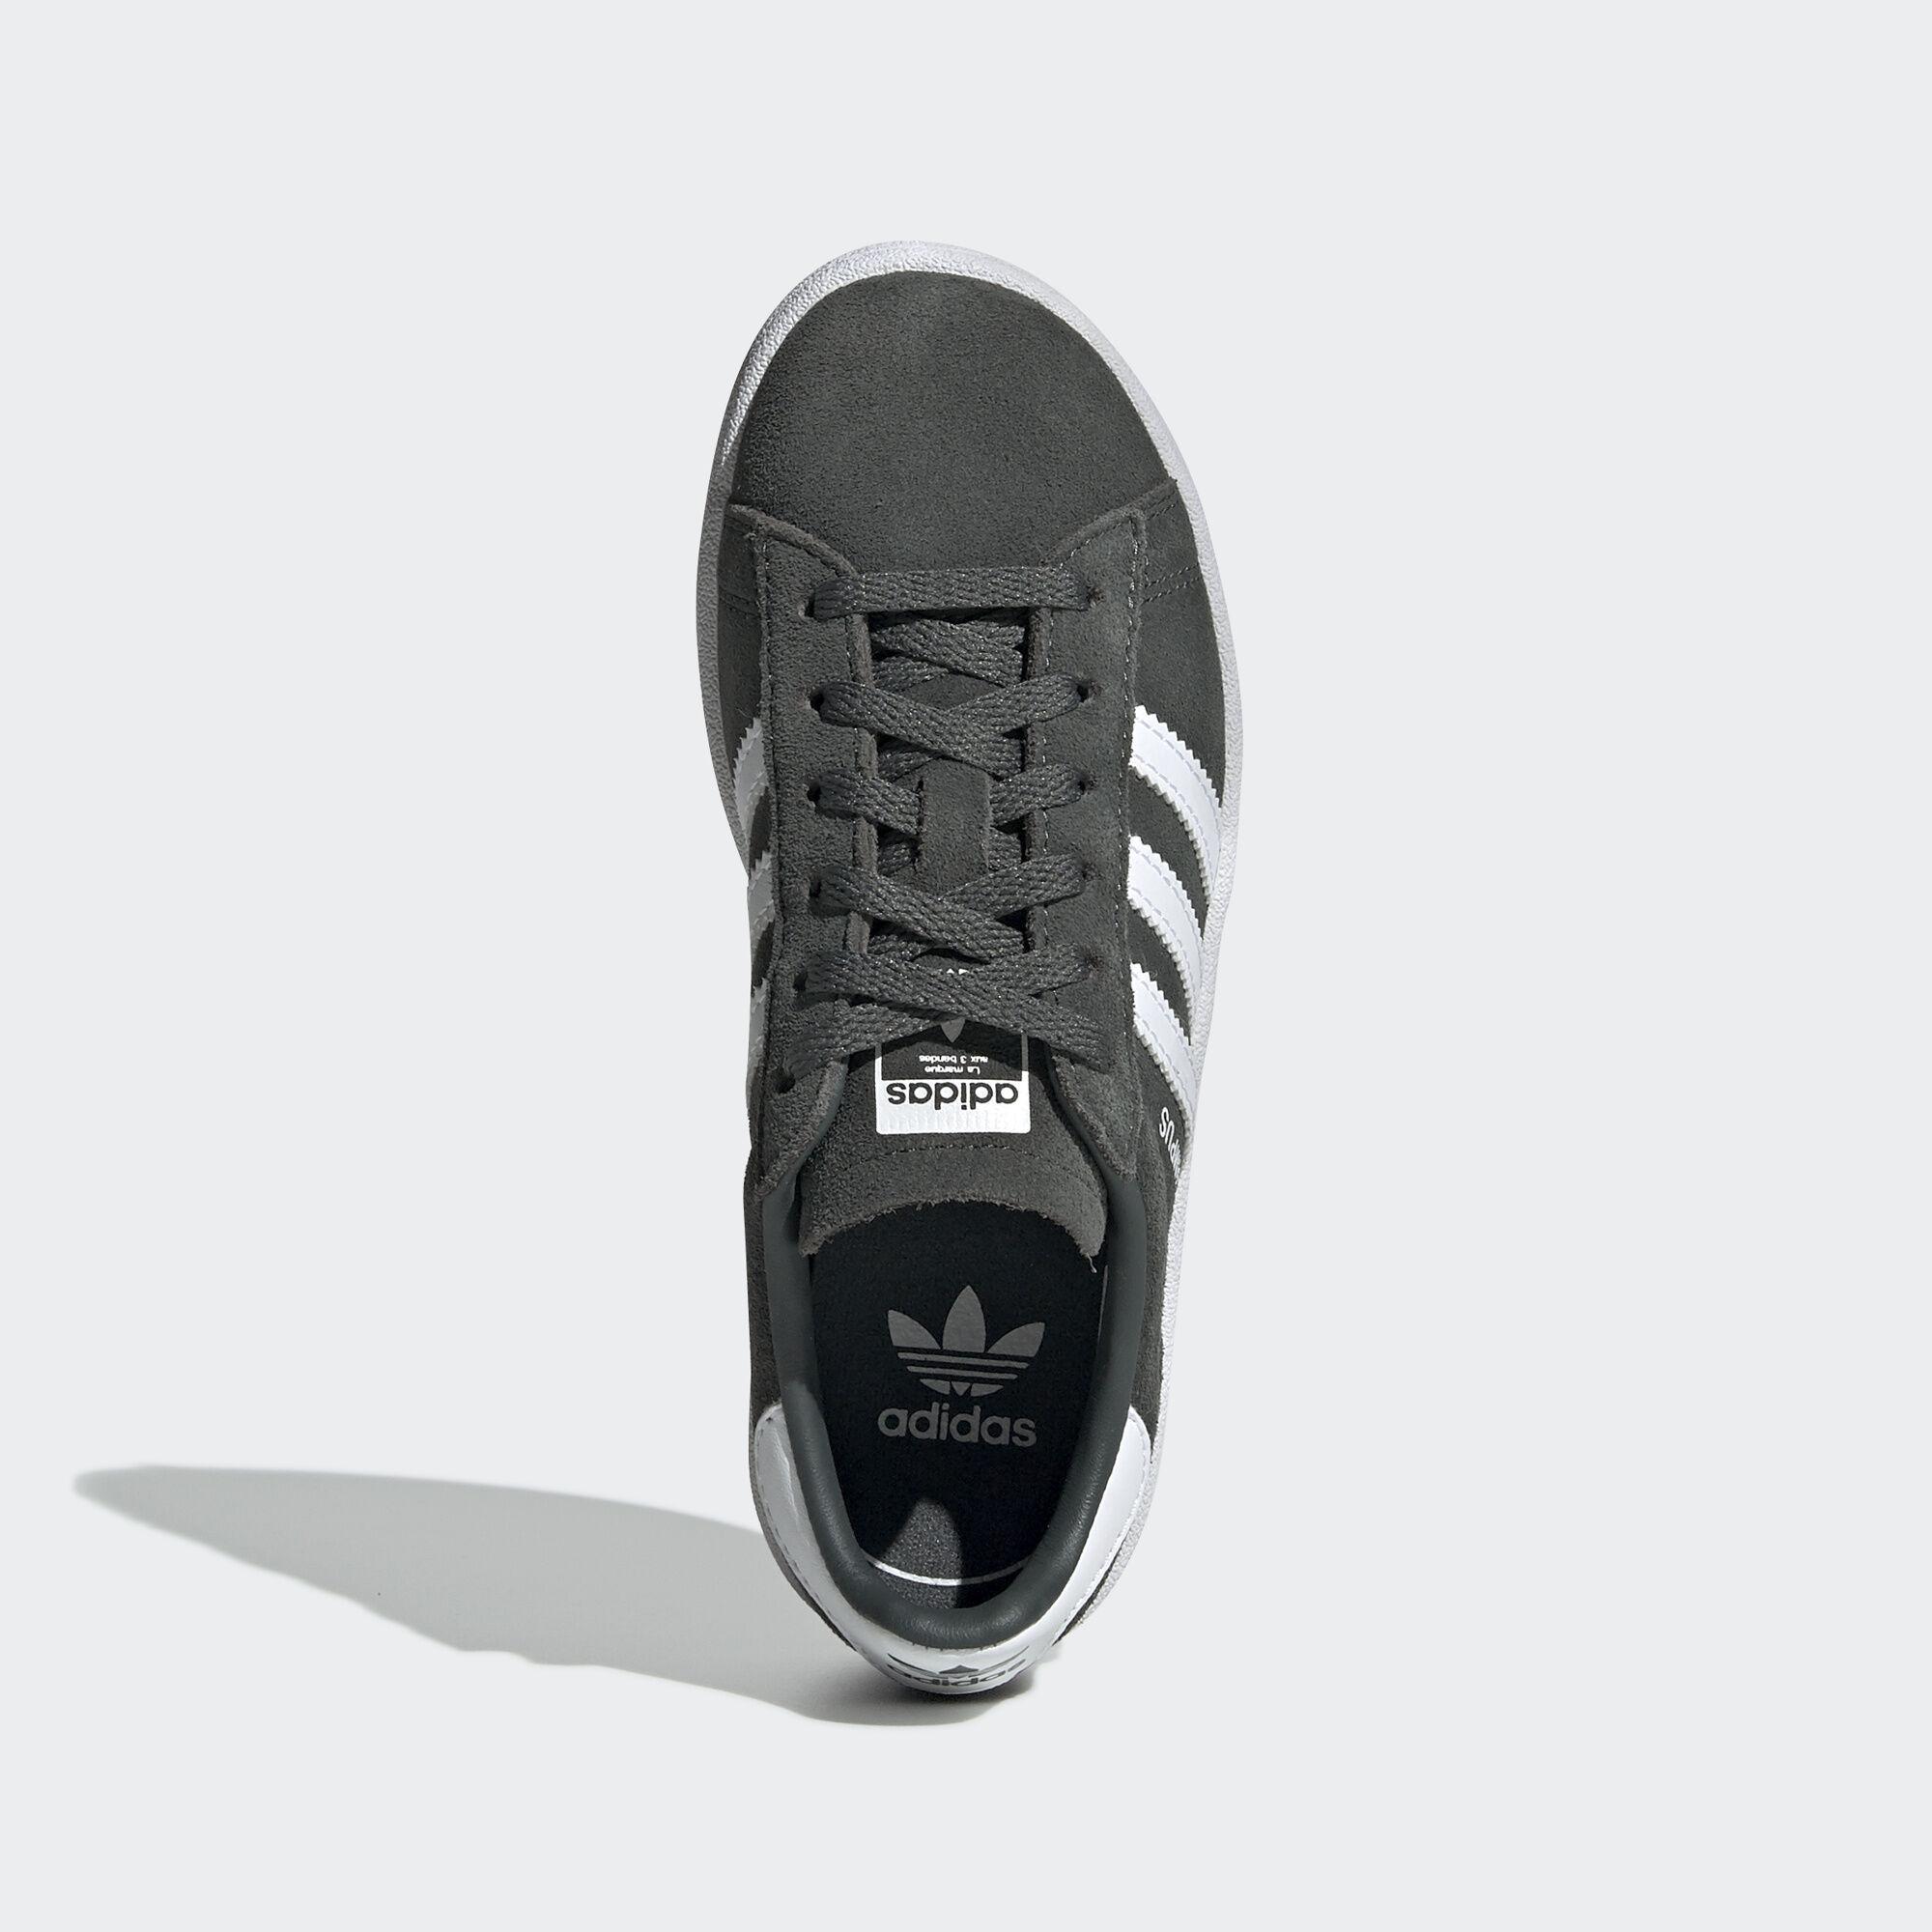 adidas Sapatos Campus - Preto  ee7405370a1a8